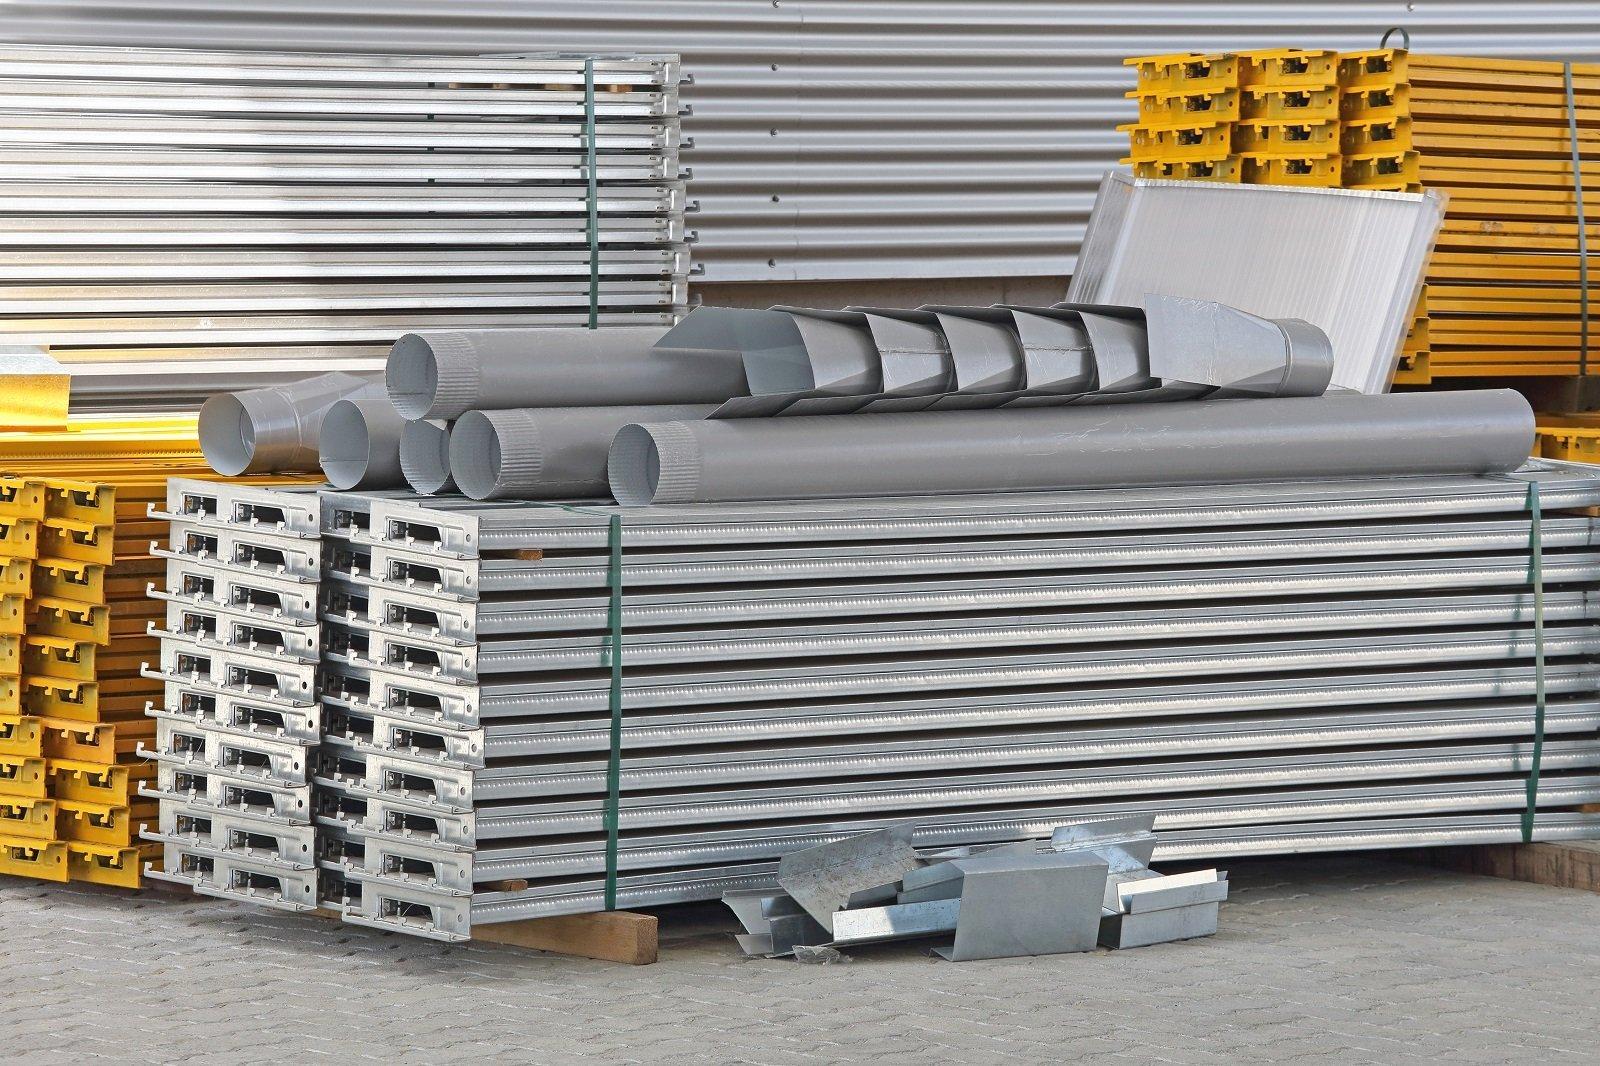 dei materiali di metallo per l'edilizia